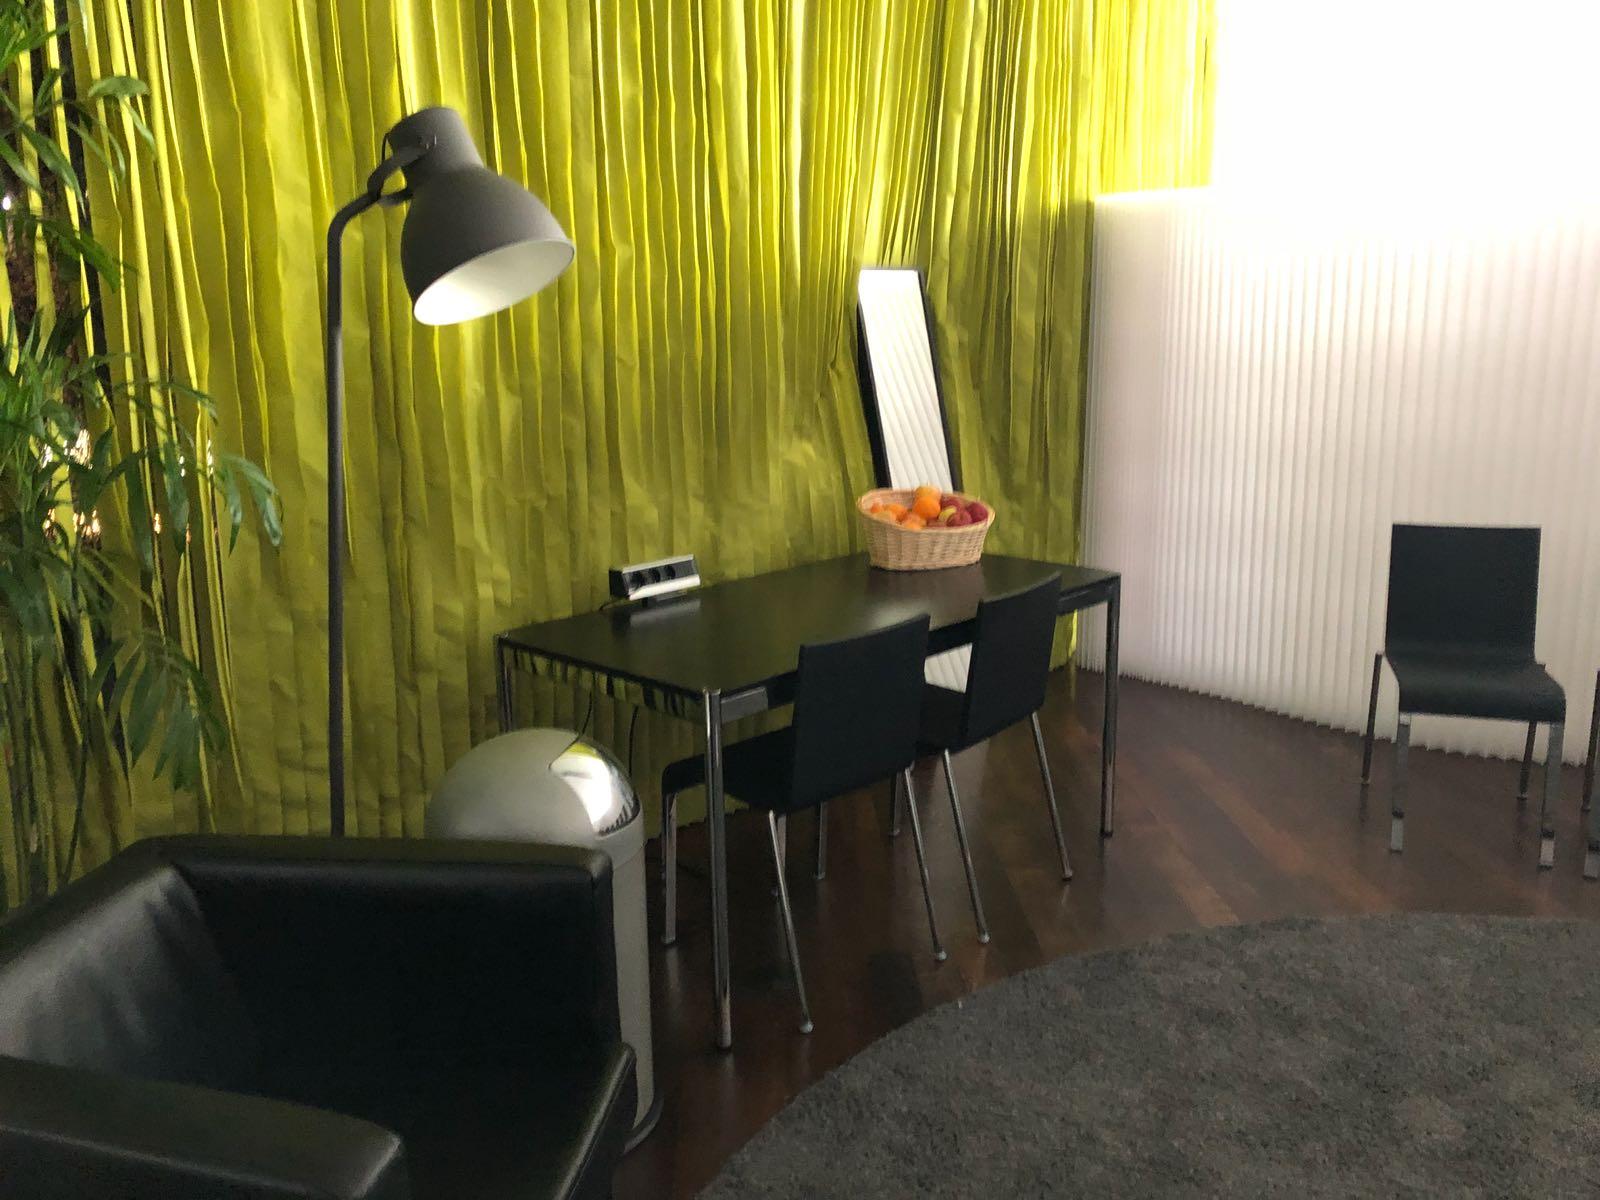 tisch-moeble-stehlampe-sofa-sessel-messe-konzert-backstage-eventausstattung-ausstattung-event-garderobe